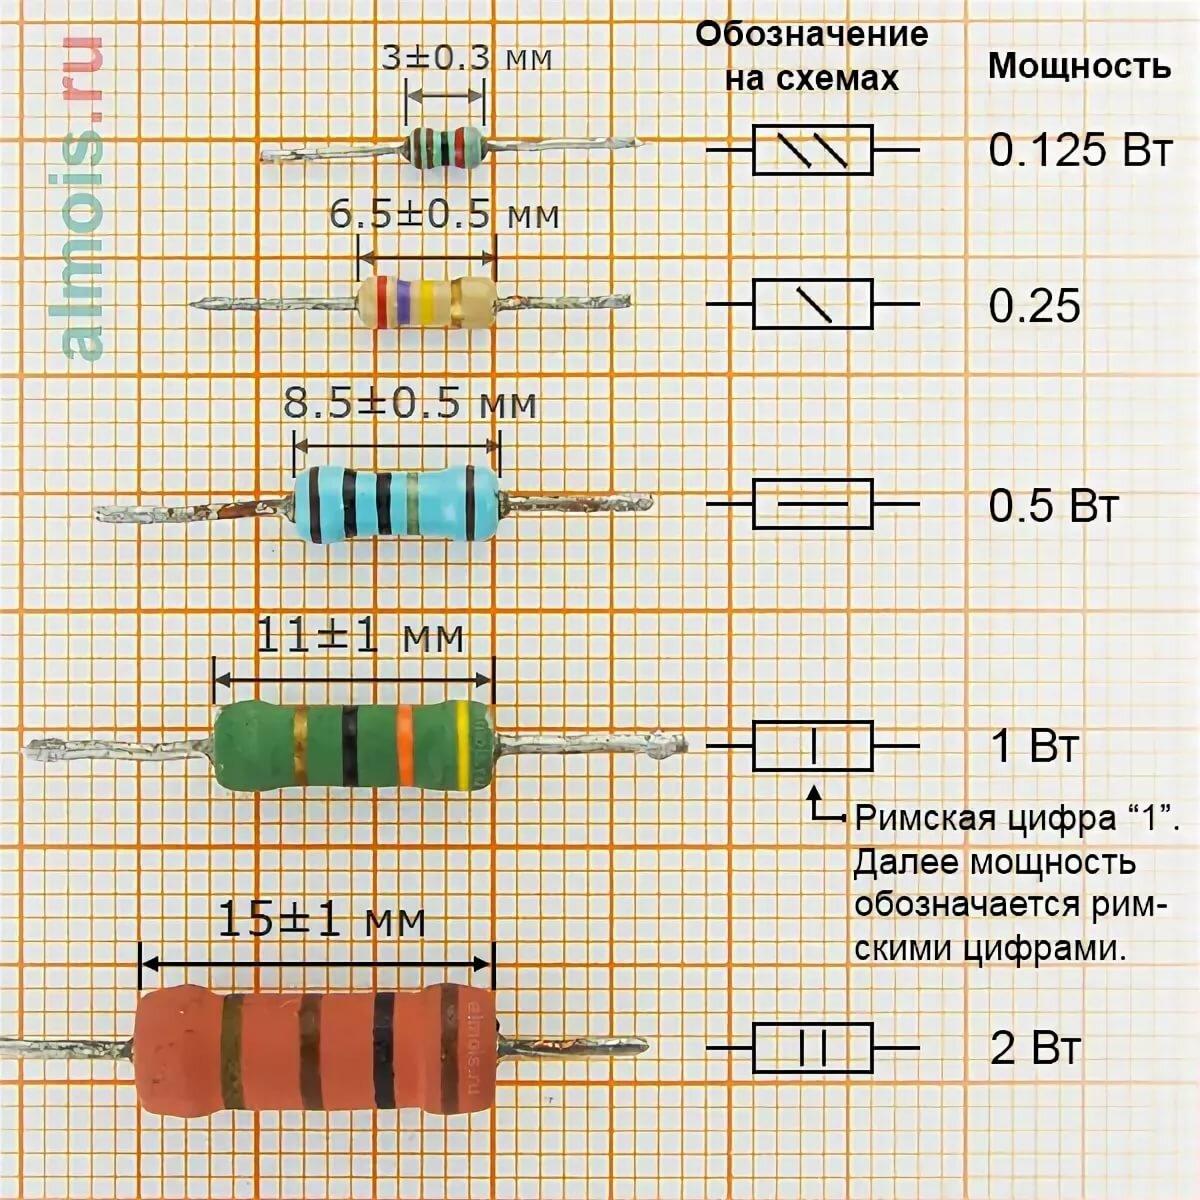 Маркировка резисторов: цветовая, кодовая